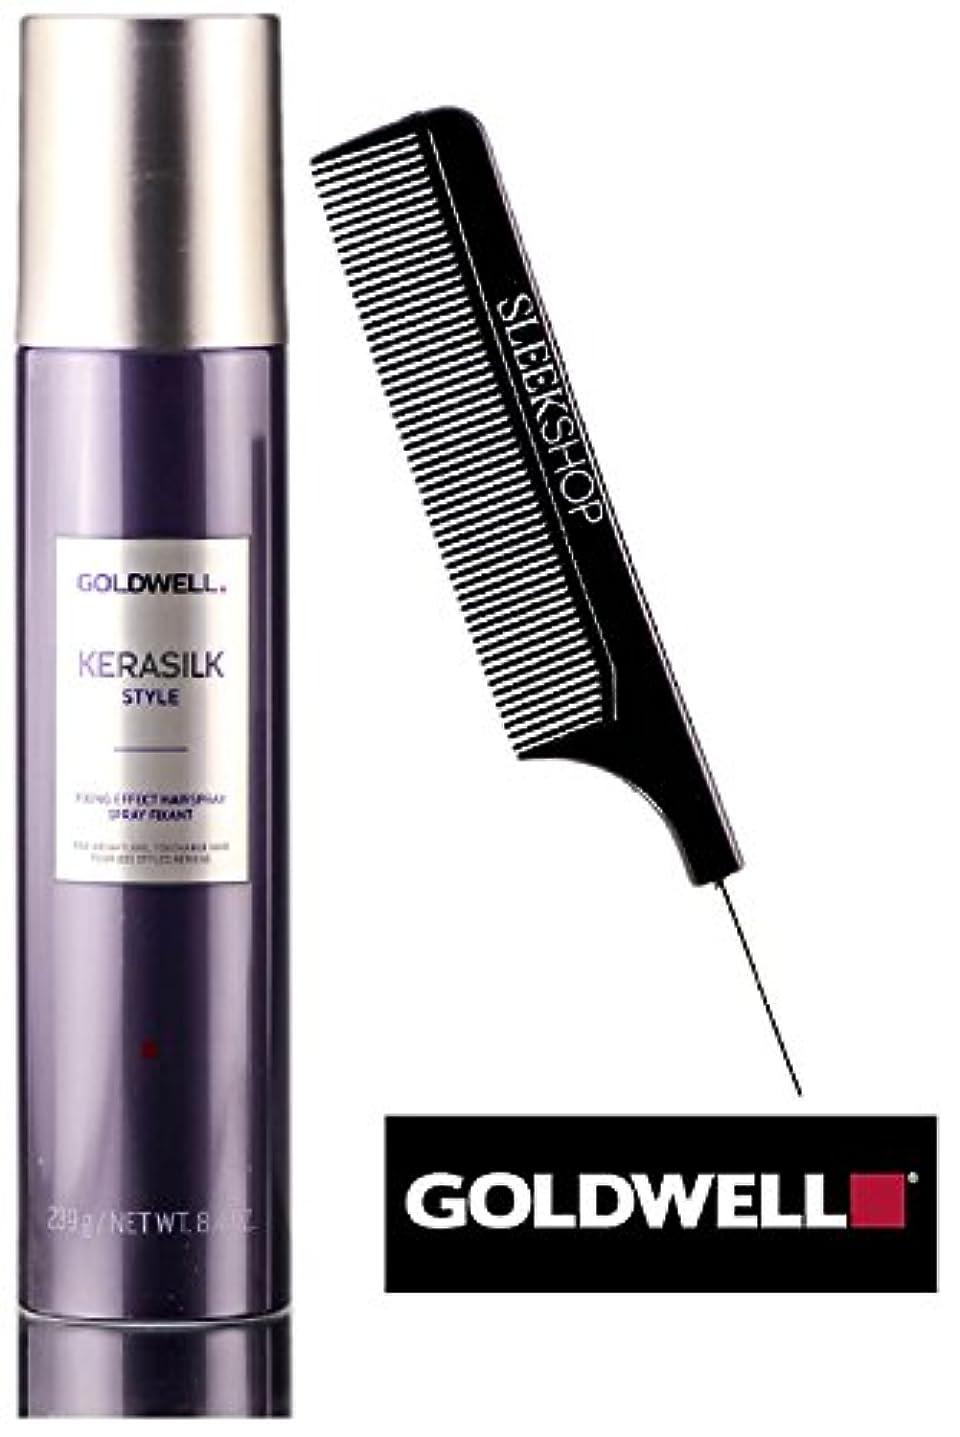 アッパー厳密にKerasilk Hair Spray by Goldwell エフェクトヘアスプレーを修正Goldwell KERASILK STYLE(と洗練されたスチールピンテールくし)無重力のため、触れることができるヘアー 8.4...